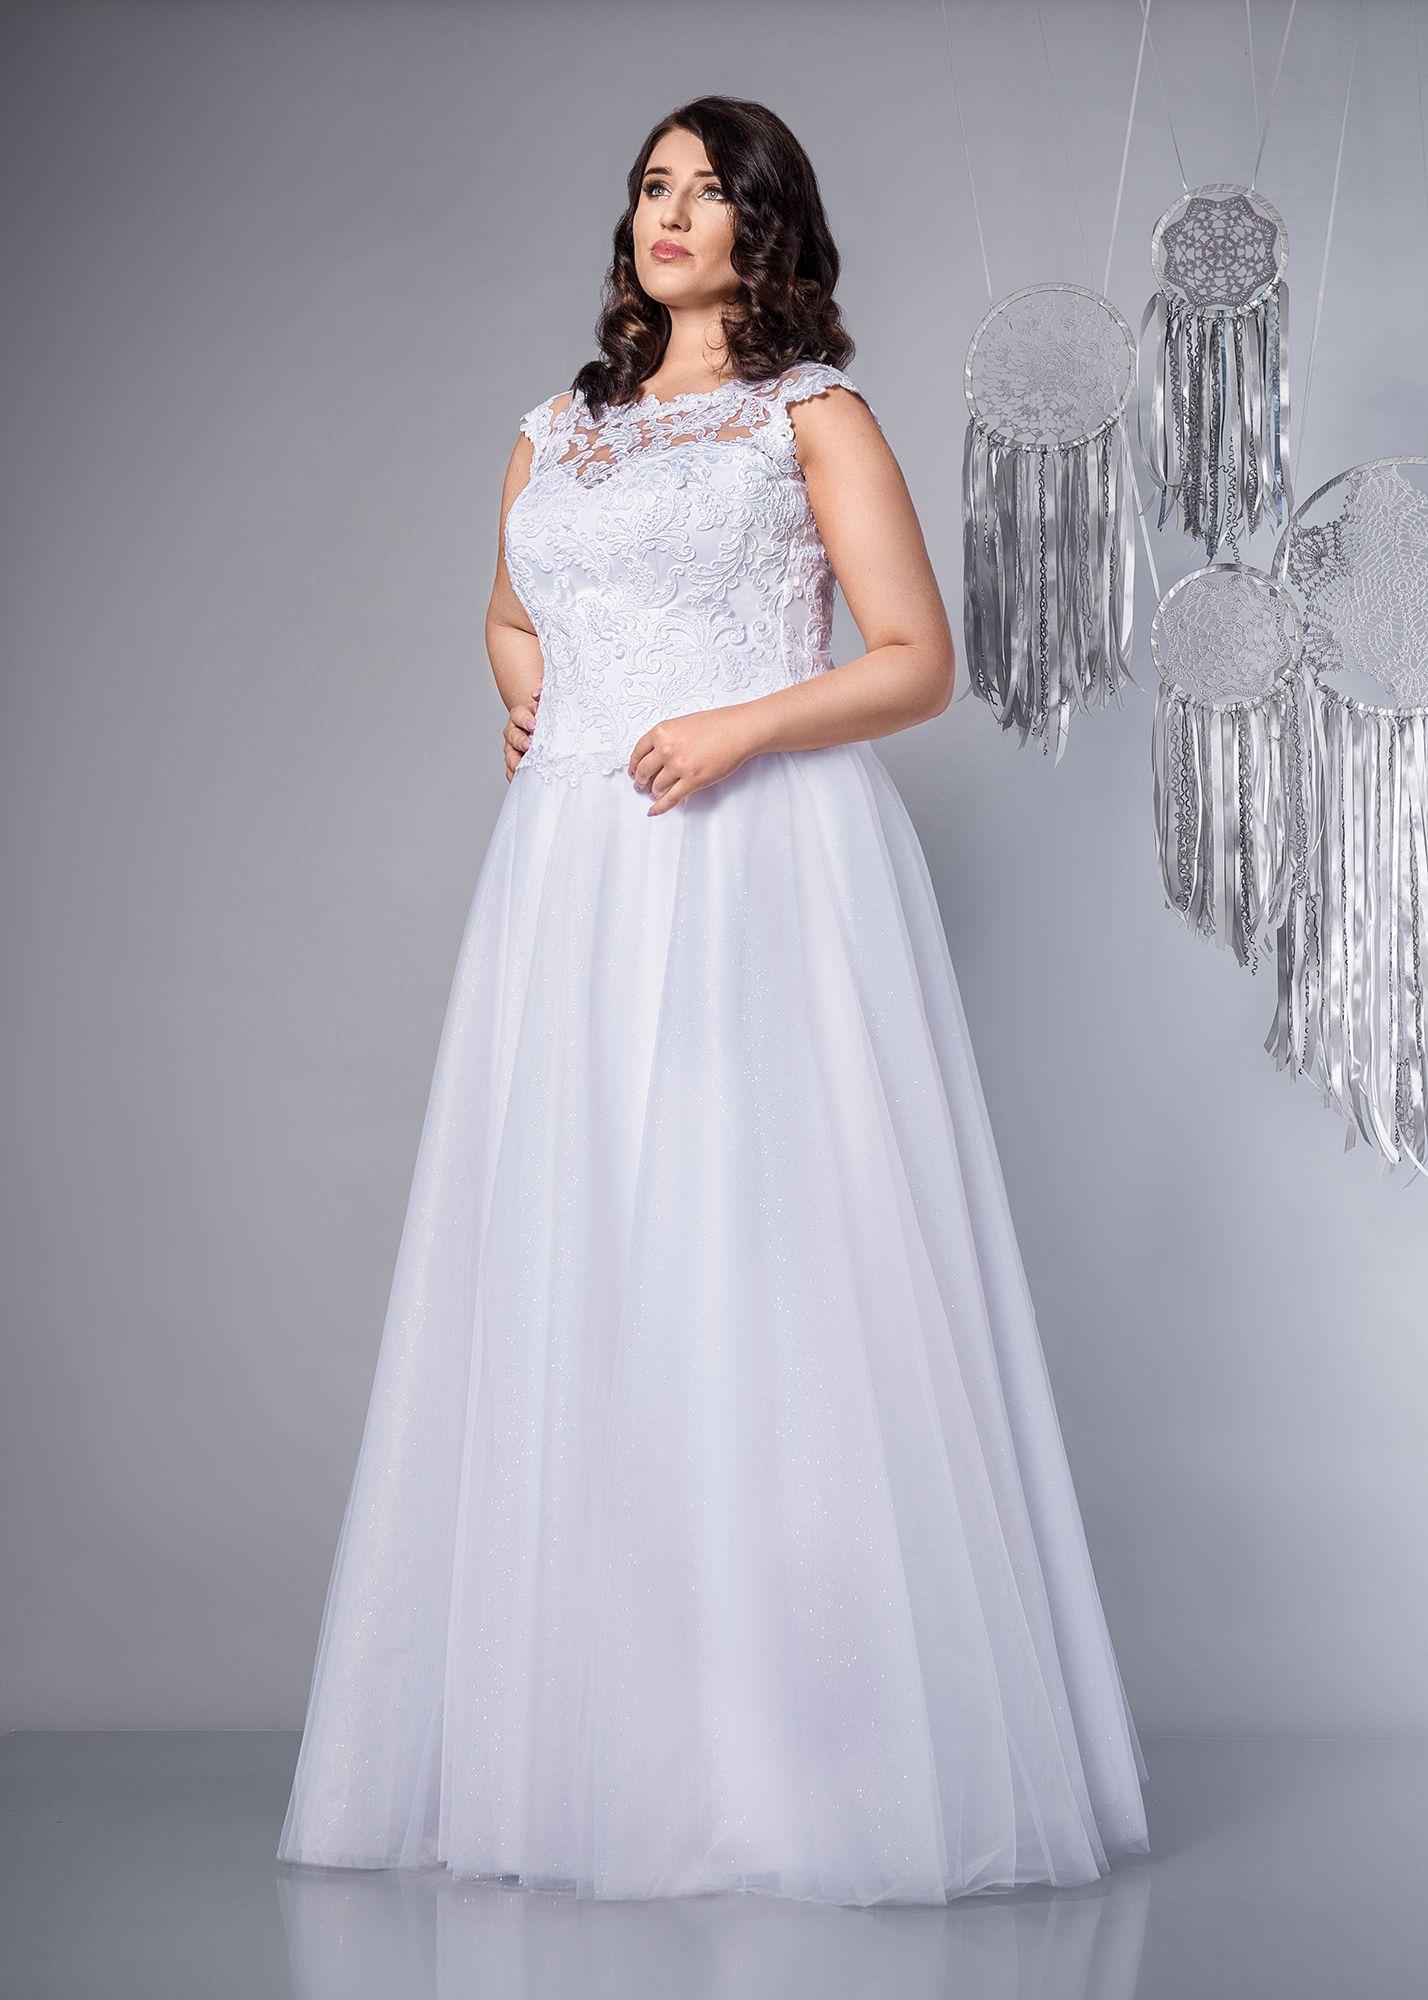 Virginia Suknia ślubna Plus Size Sukniaślubna Weddingdress